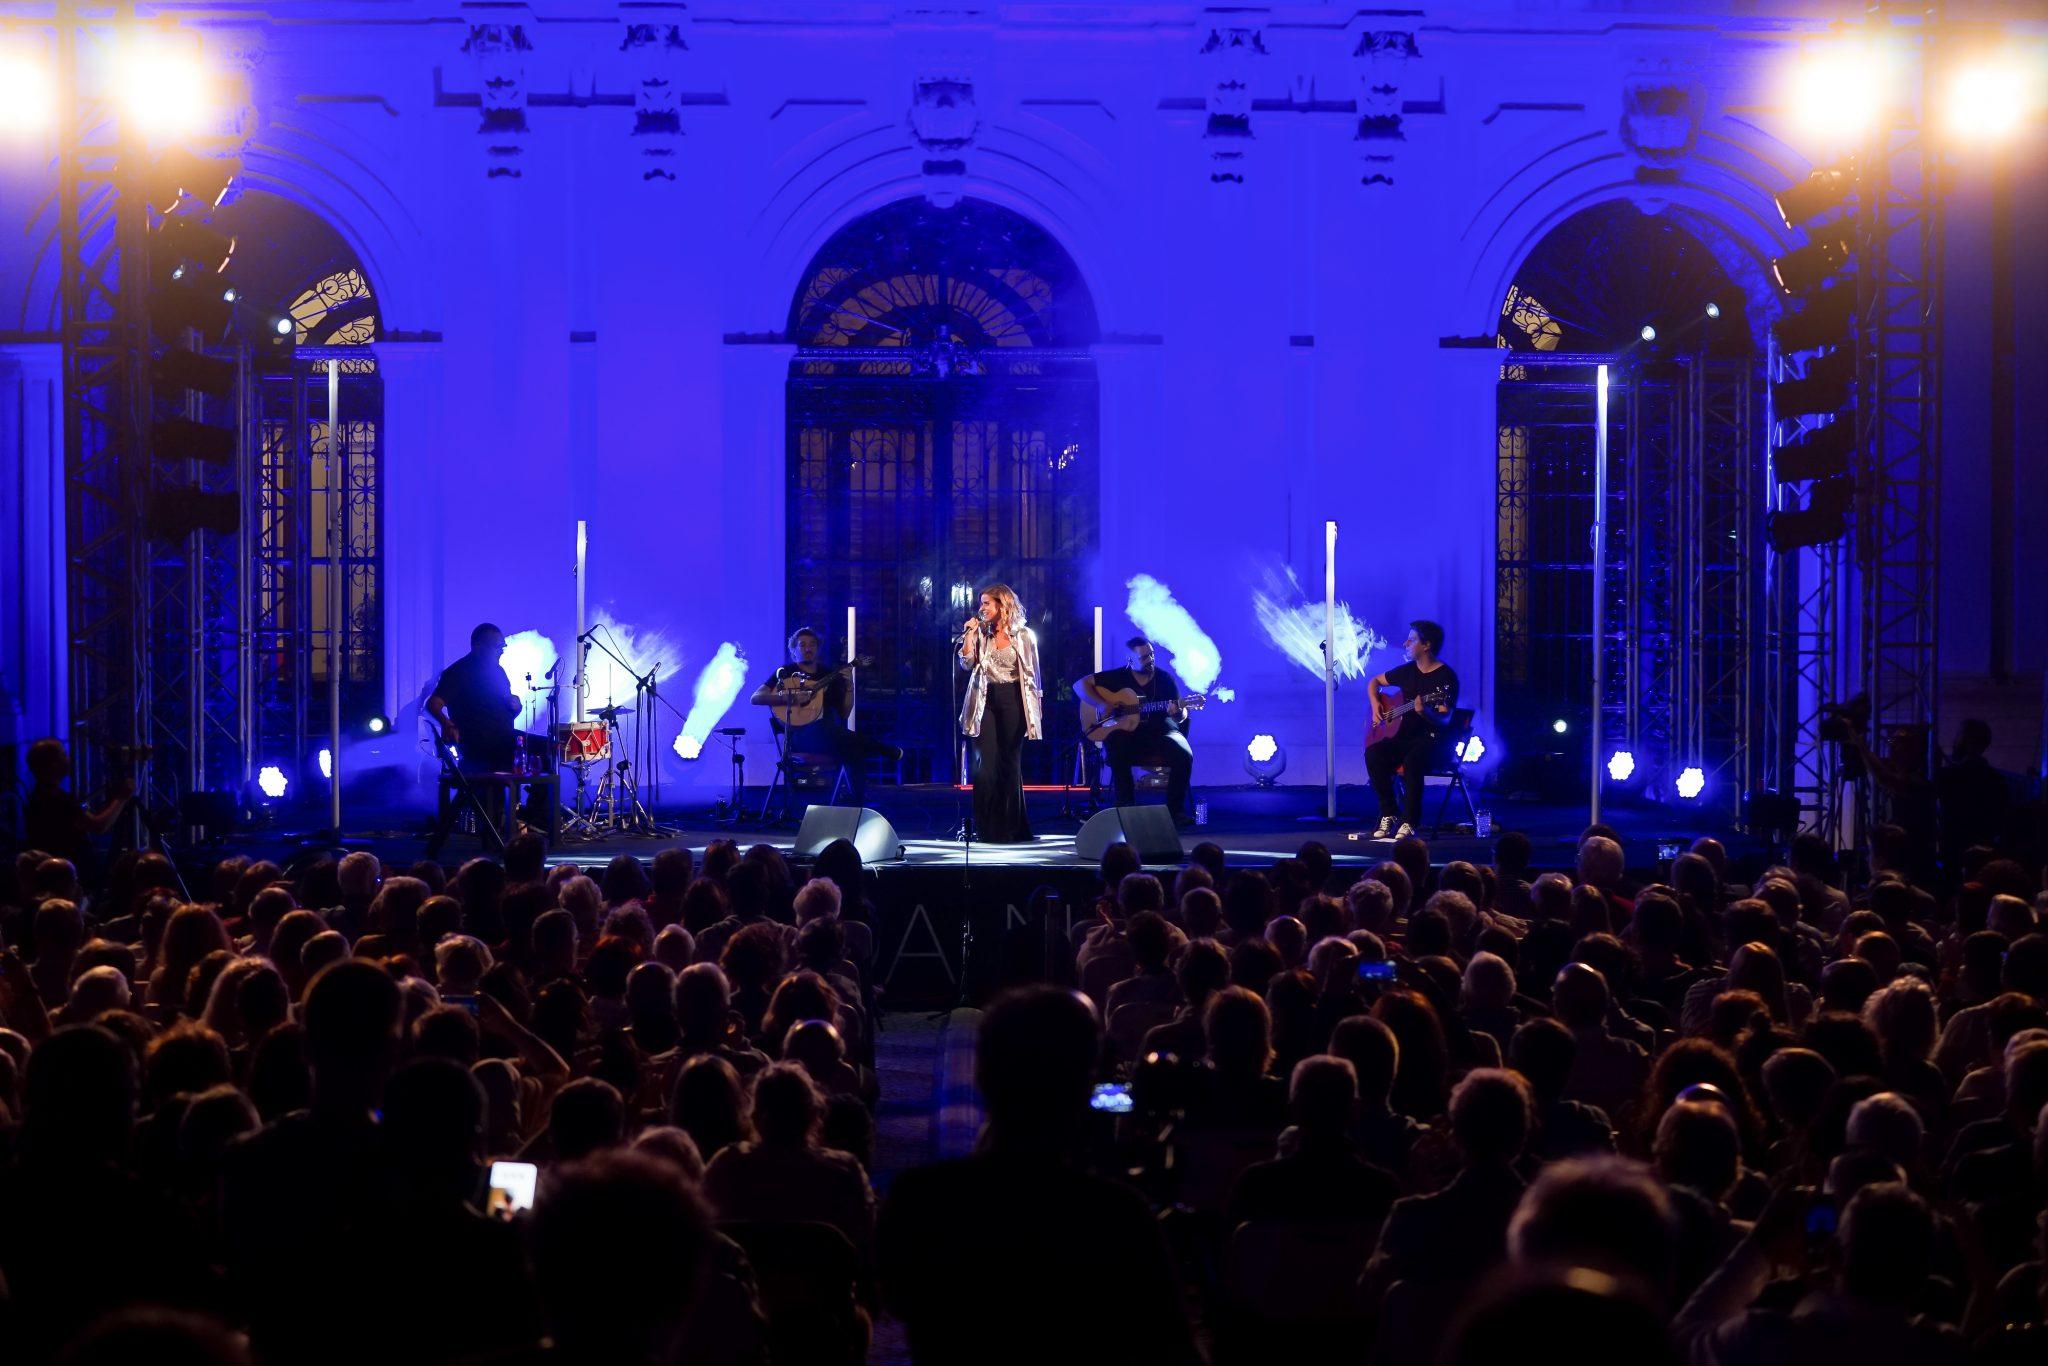 Num primeiro plano, de costas para o observador, a silhueta de várias pessoas sentadas. Ao fundo, sob iluminação azul, o palco e os músicos